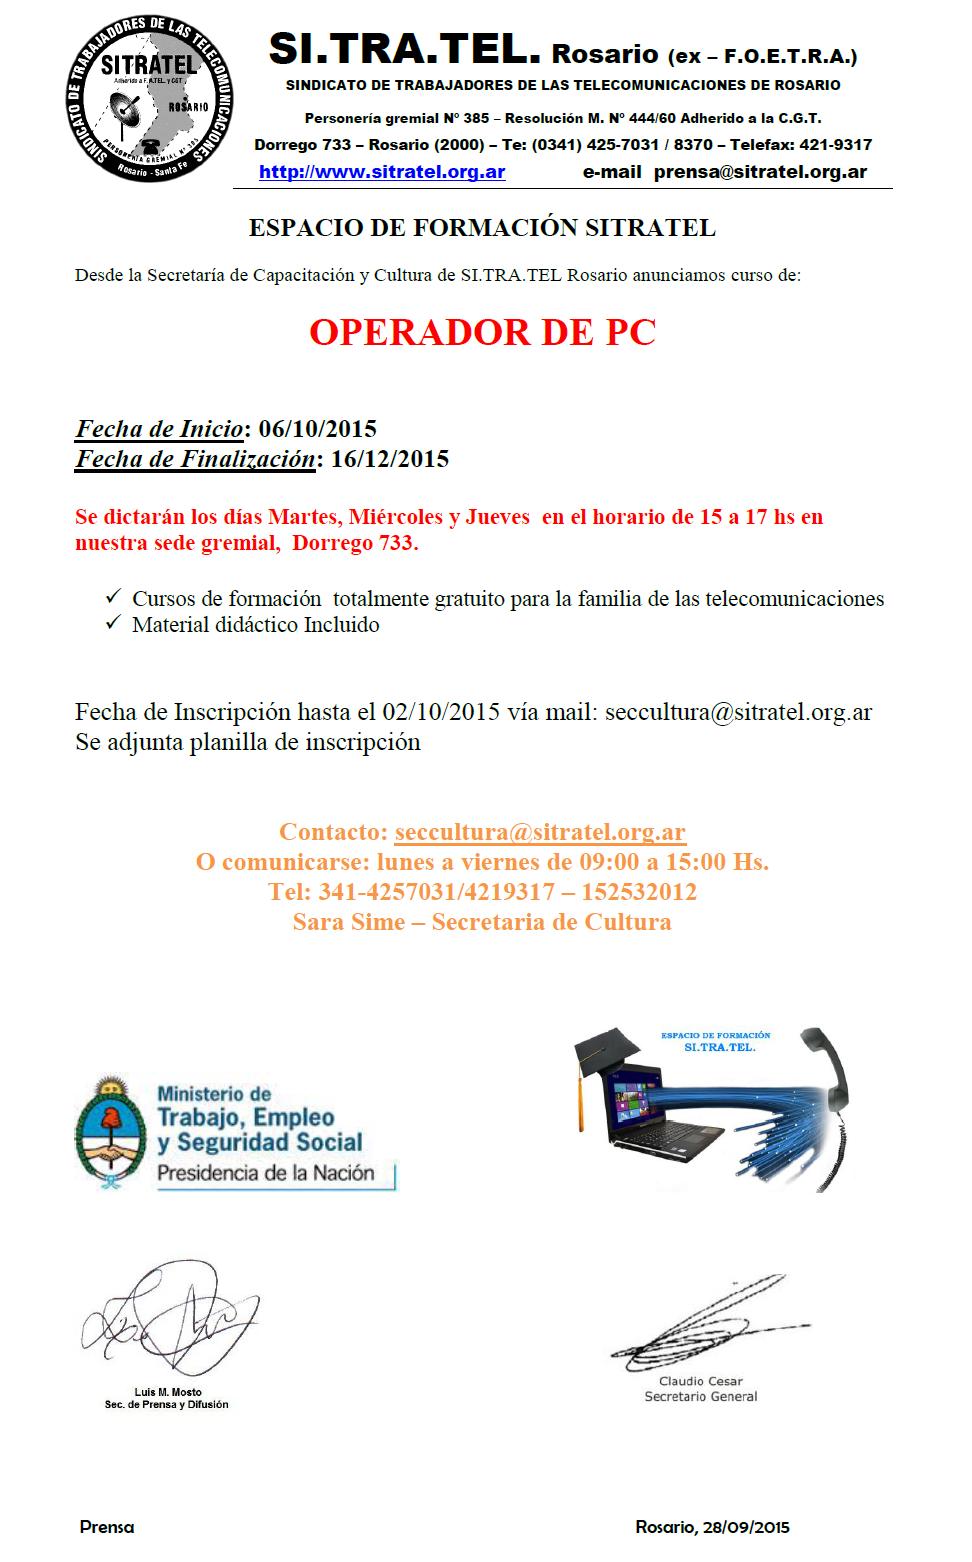 OPERADOR DE PC